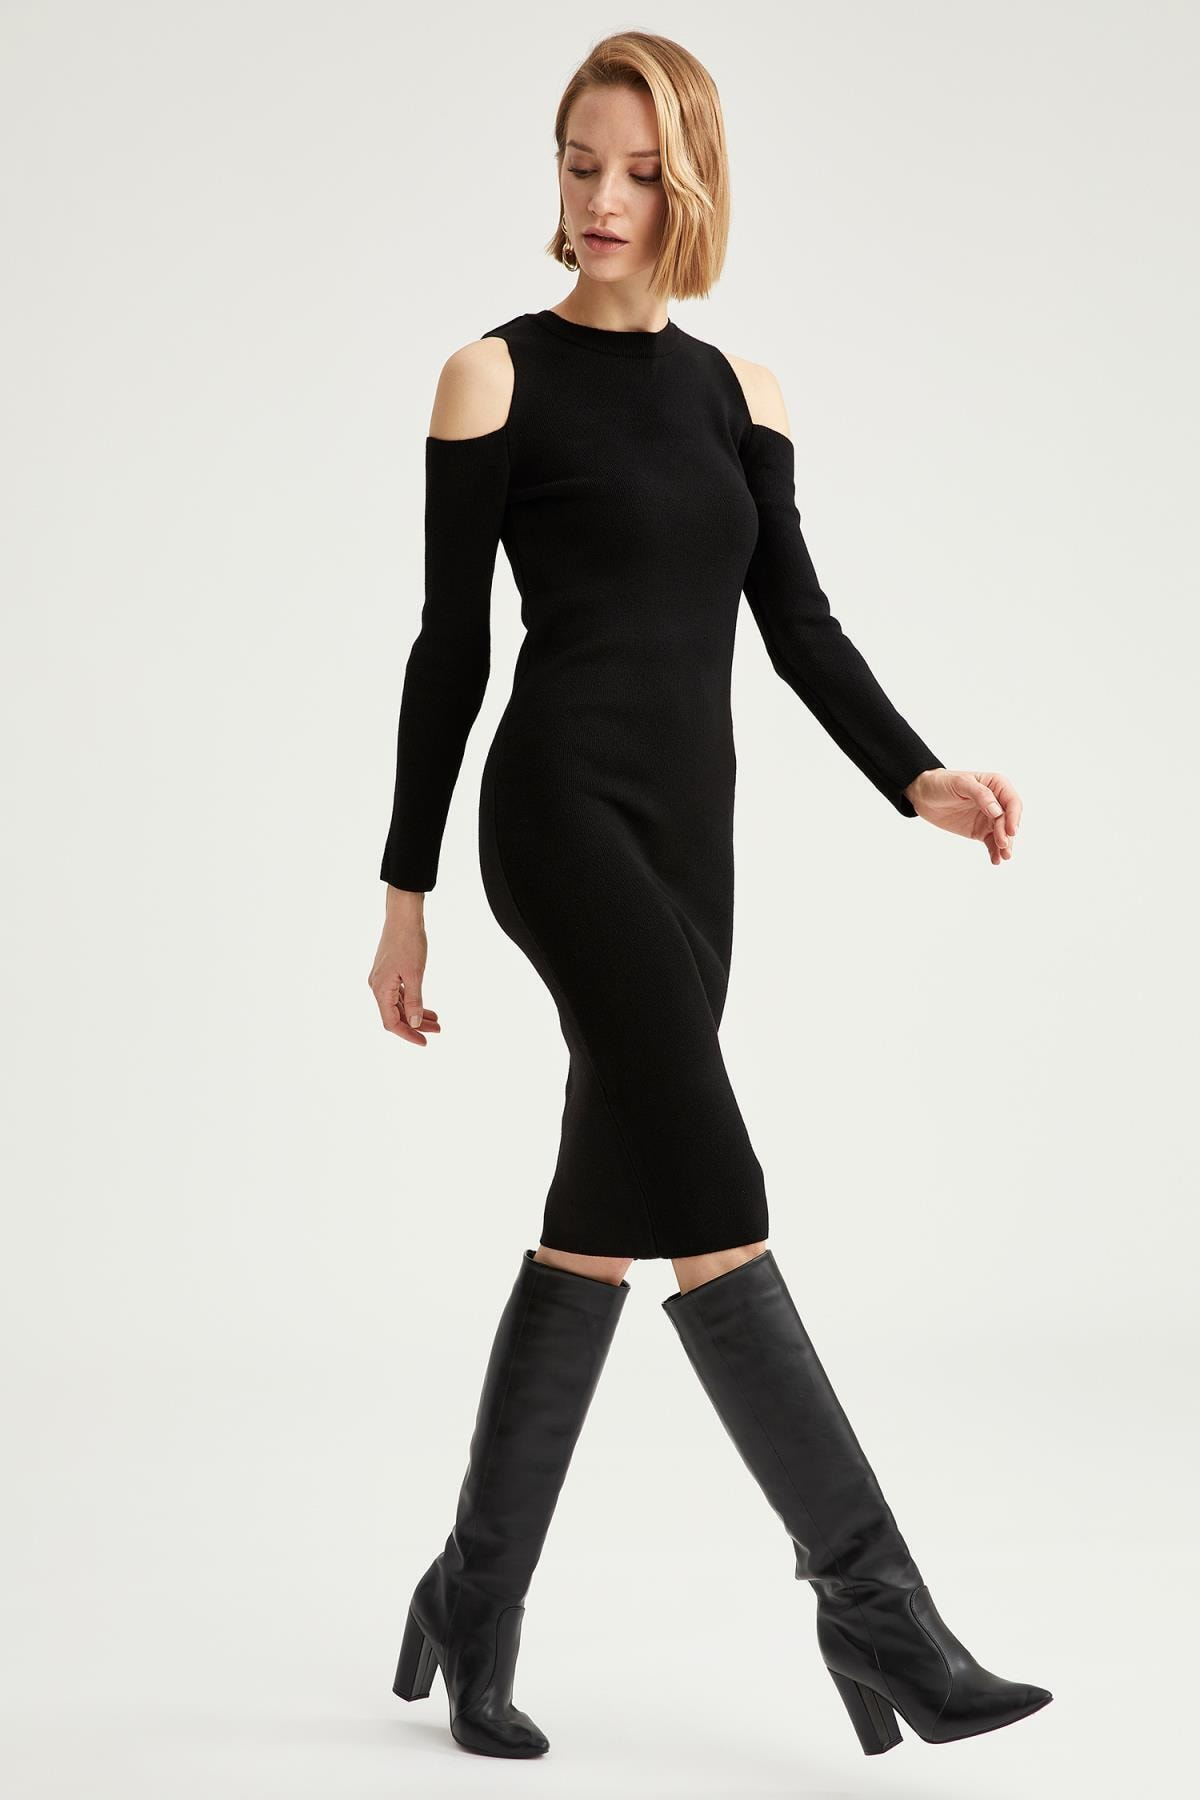 DeFacto Kadın Siyah Omuz Dekolteli Triko Elbise 1